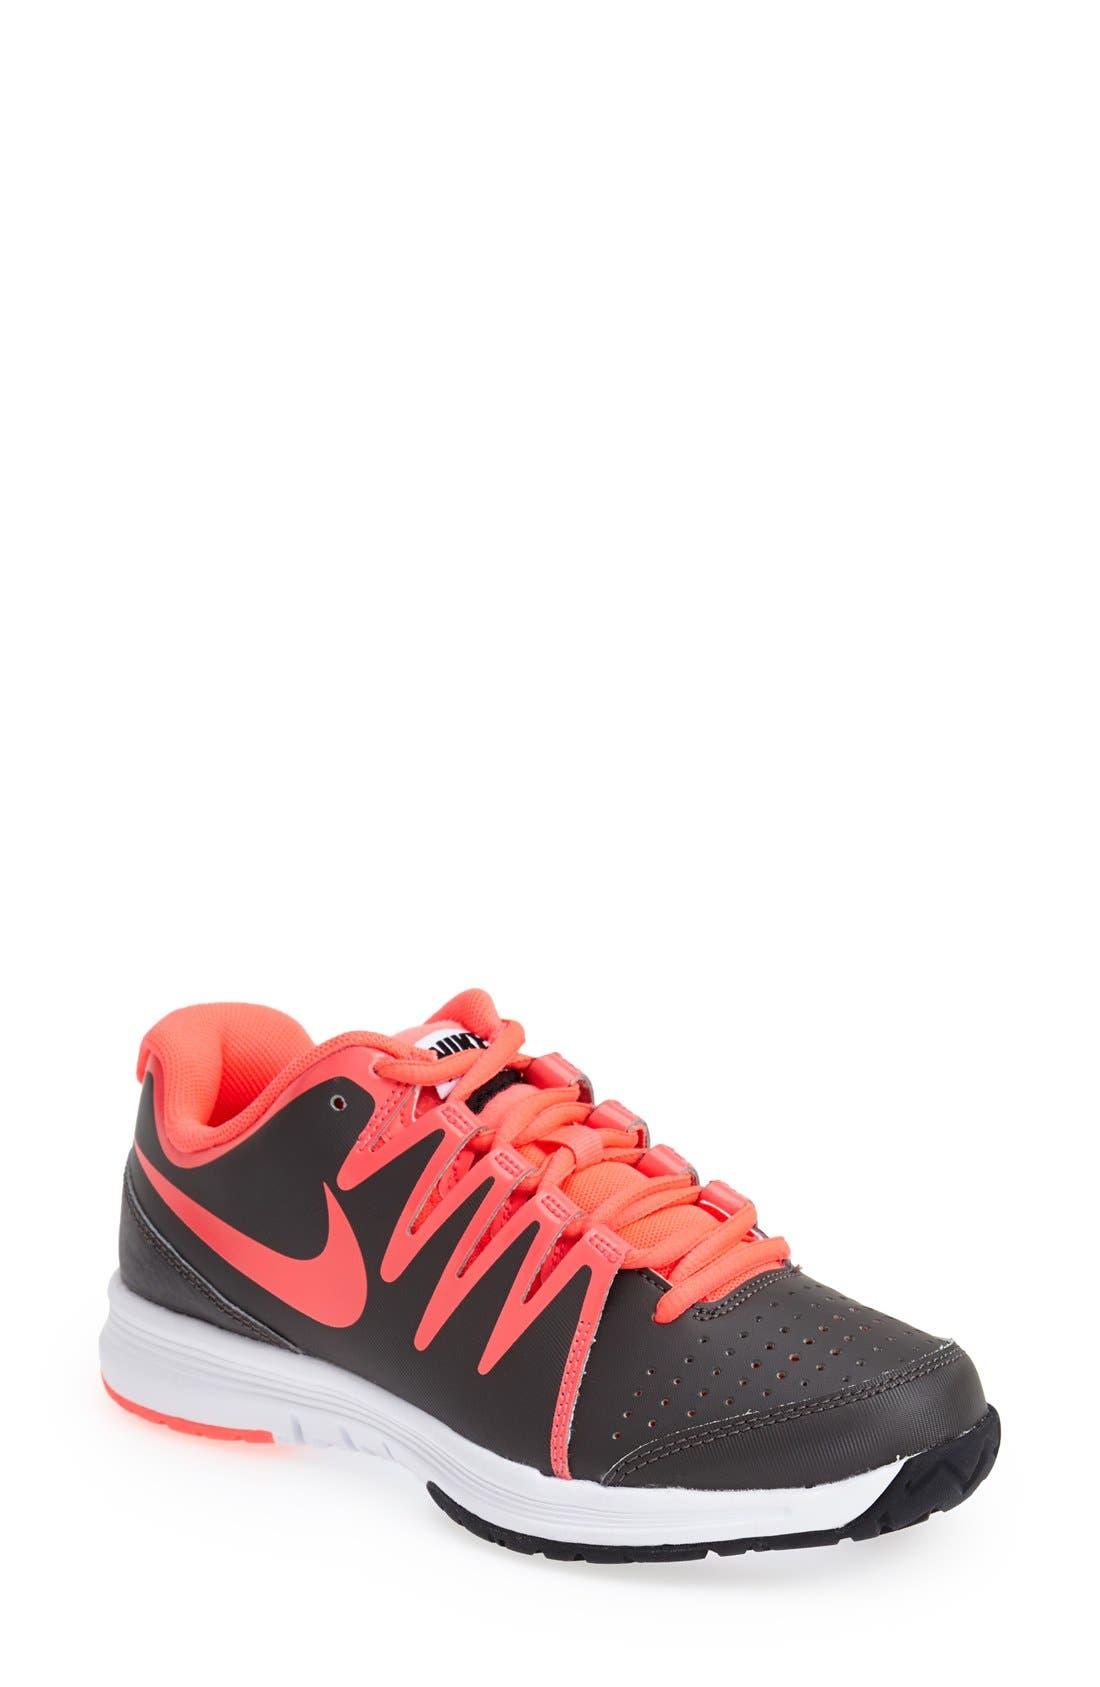 Main Image - Nike 'Vapor Court' Tennis Shoe (Women)